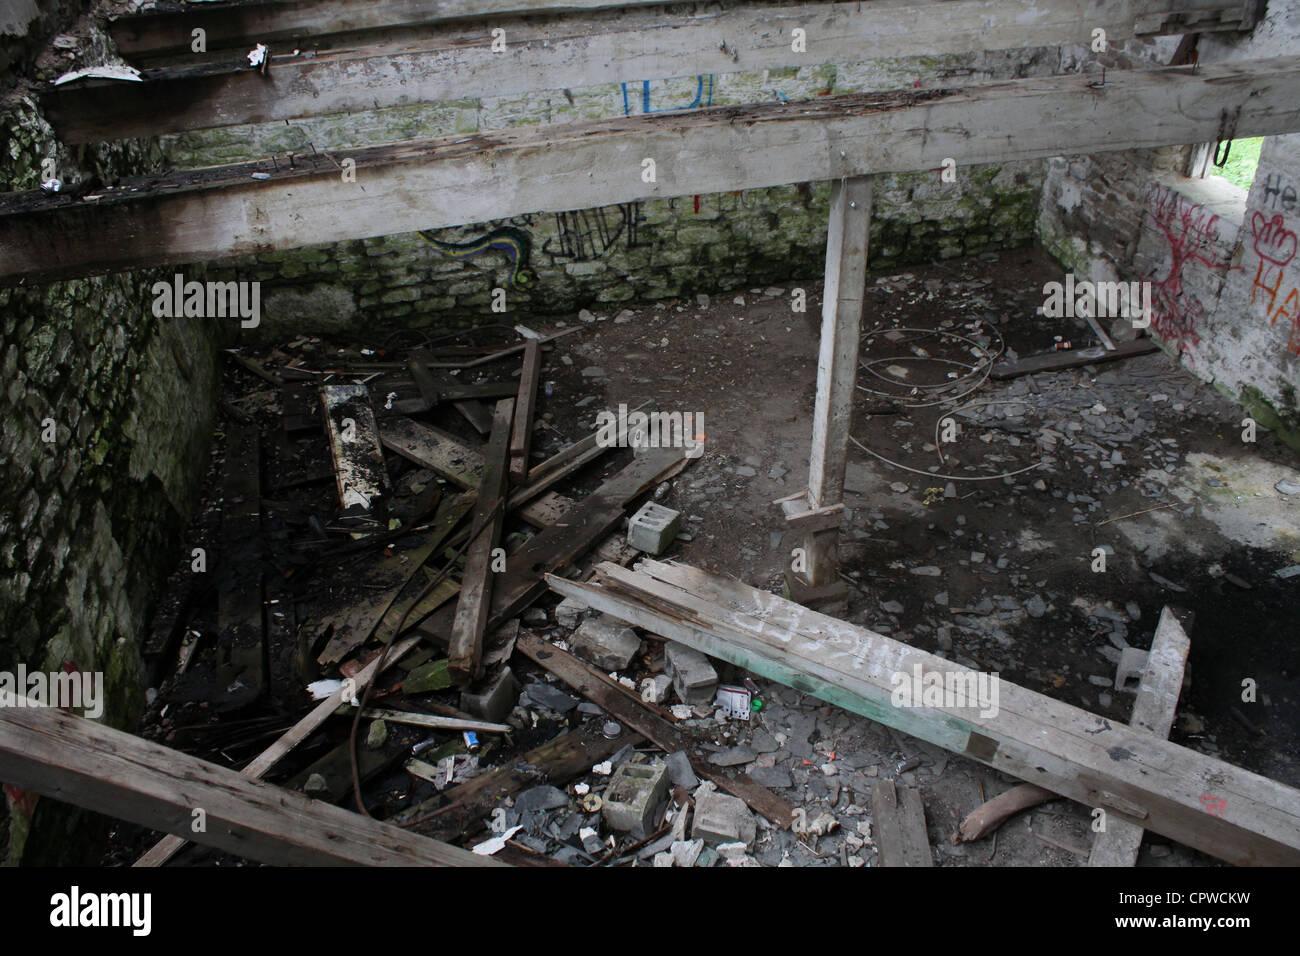 demolish abandon warehouse - Stock Image